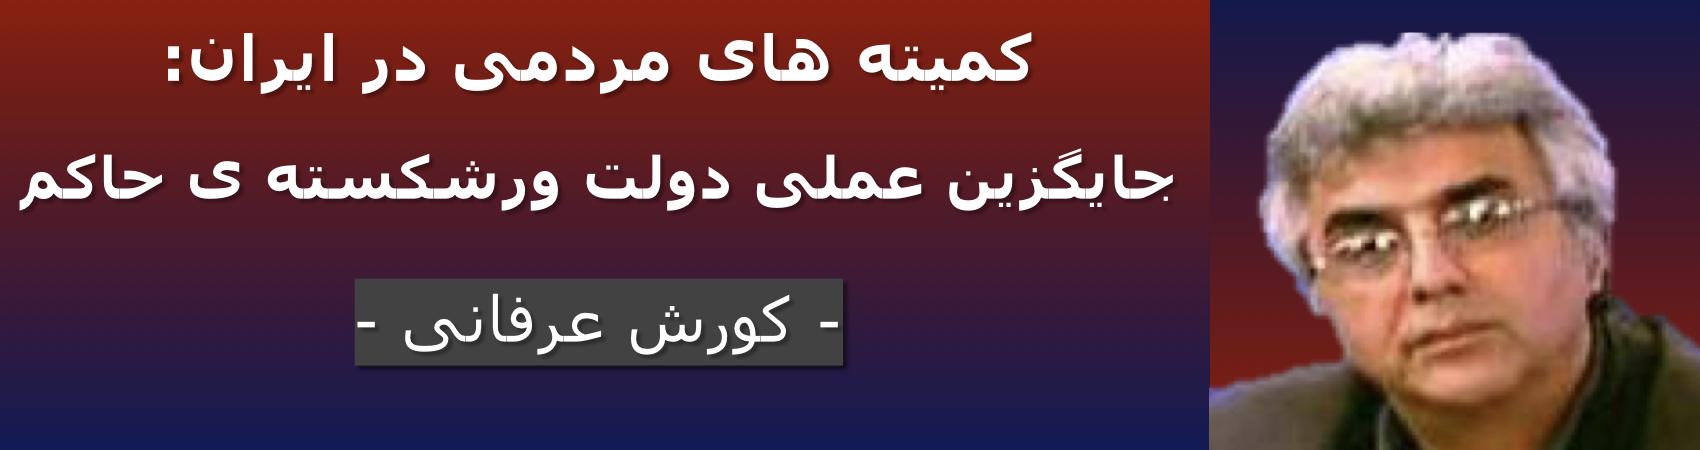 کمیته های مردمی در ایران: جایگزین عملی دولت ورشکسته ی حاکم